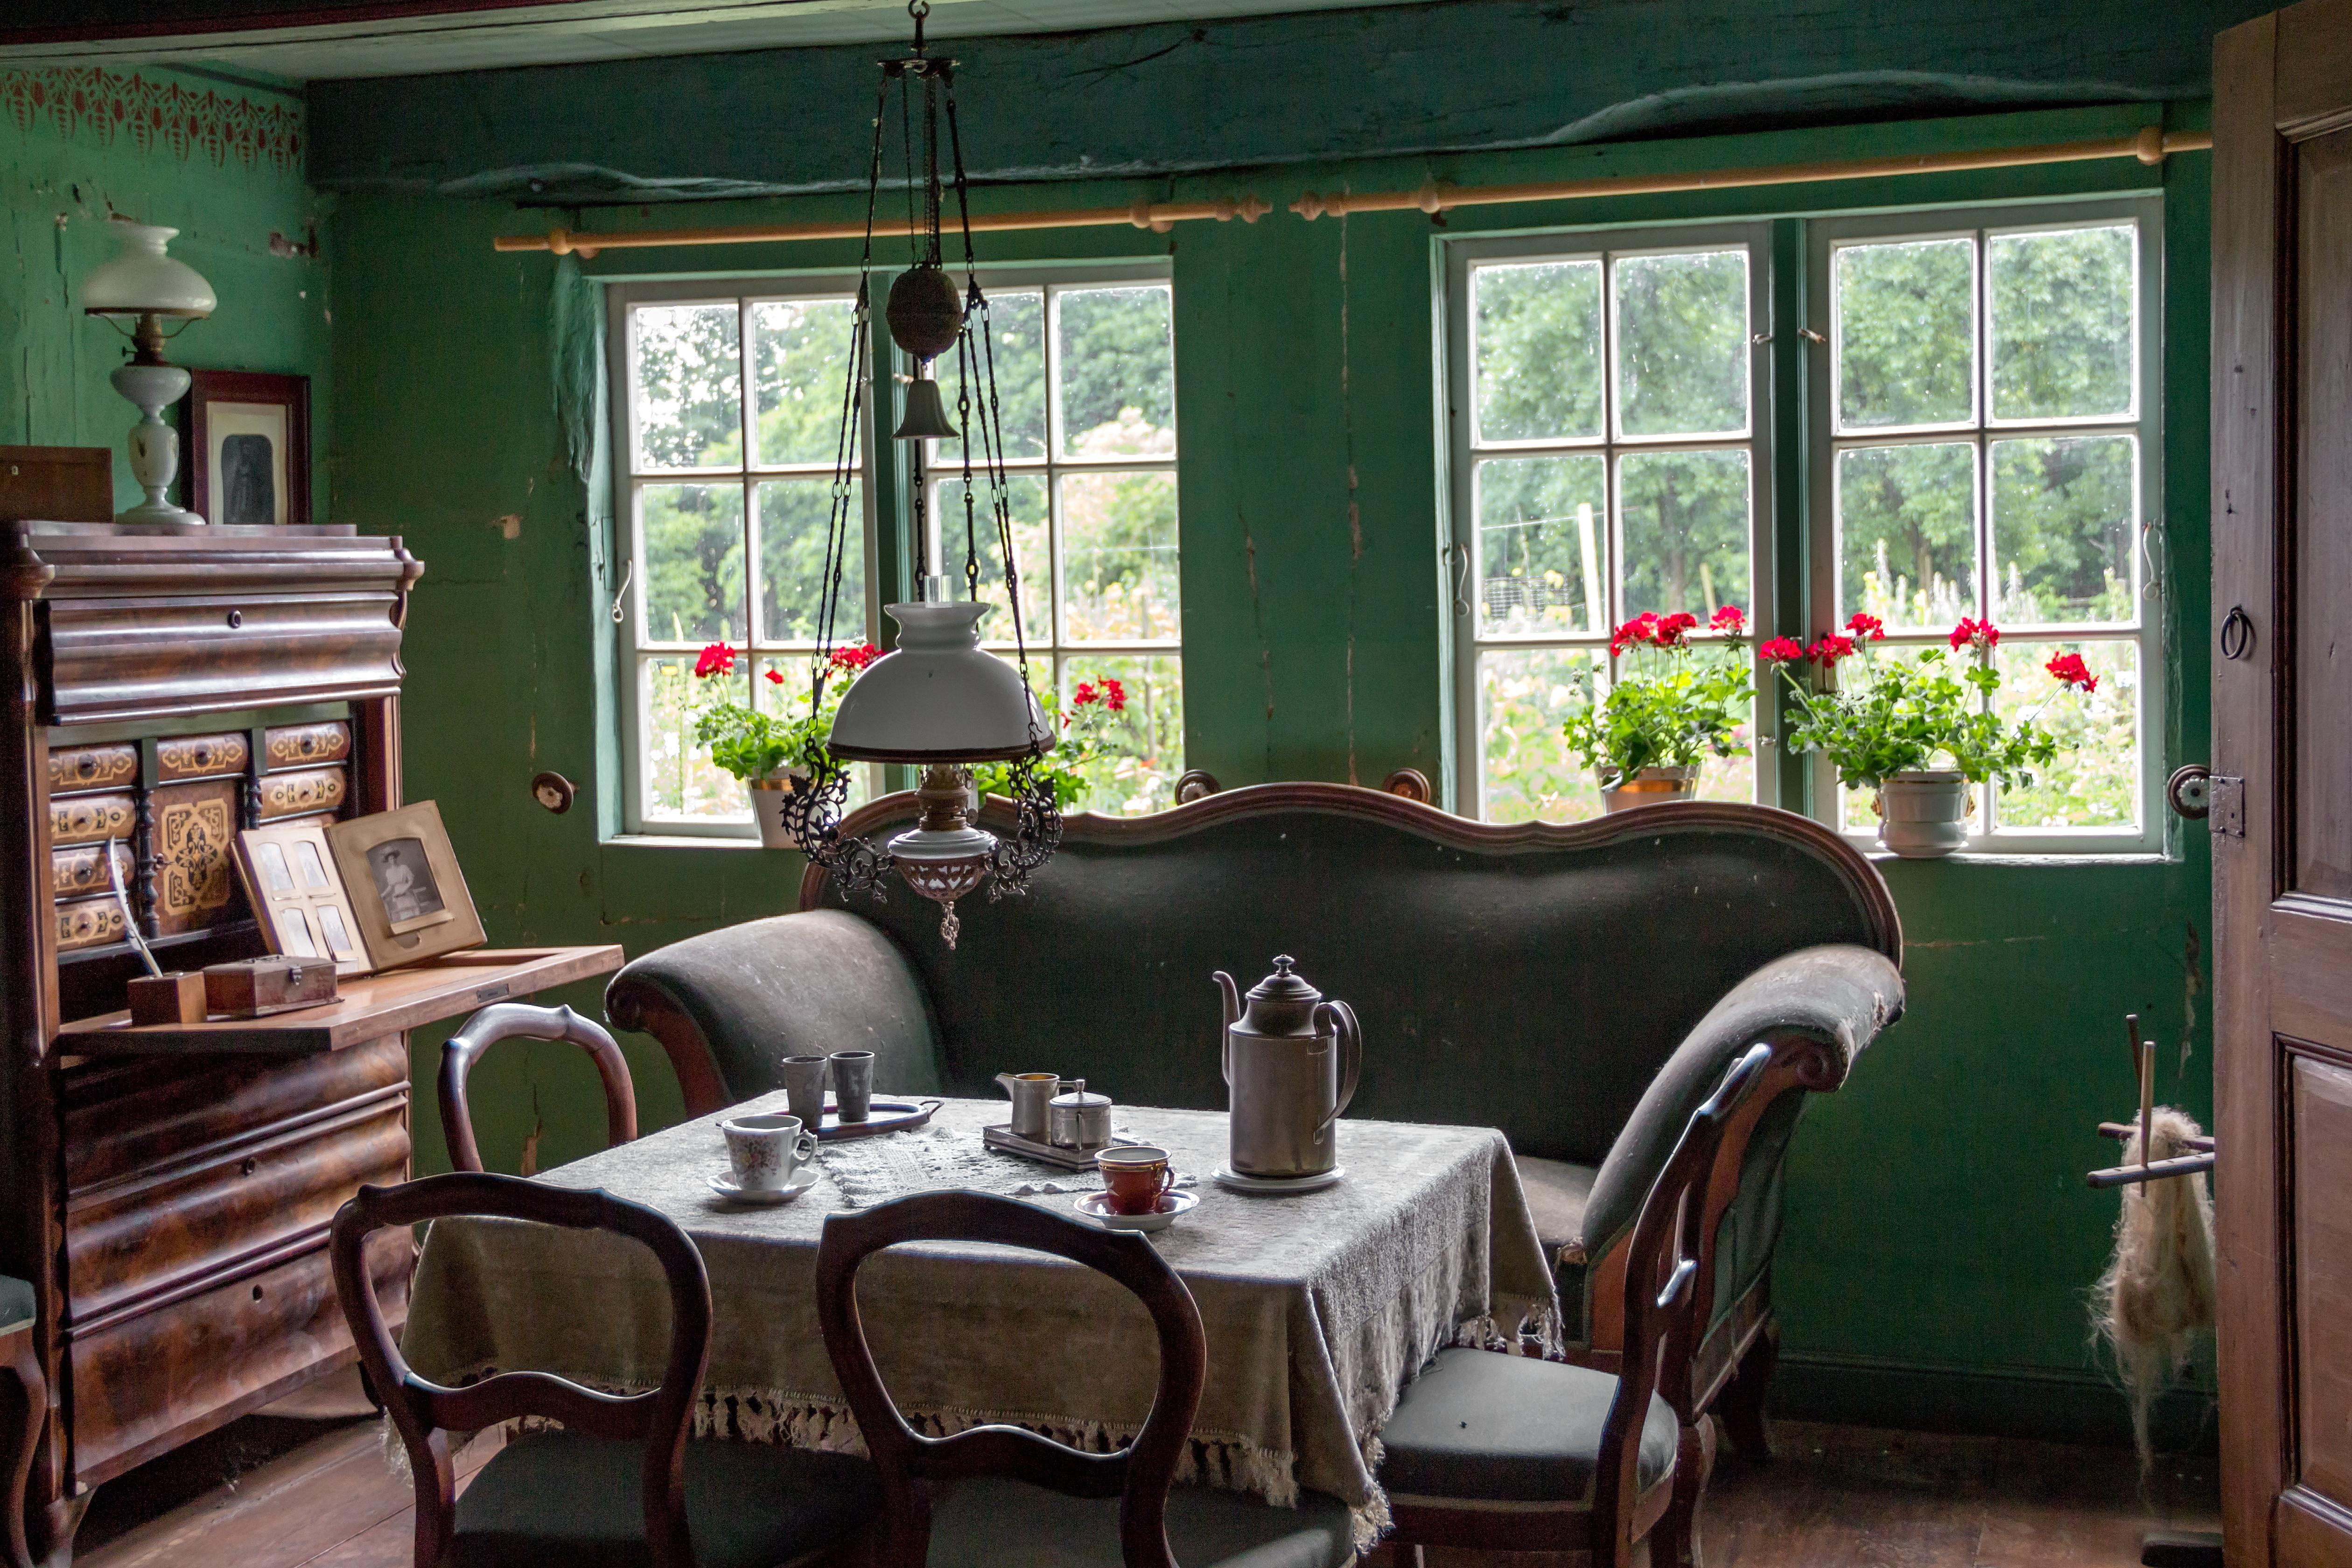 kostenlose foto : haus, fenster, gebäude, restaurant, zuhause, Wohnzimmer